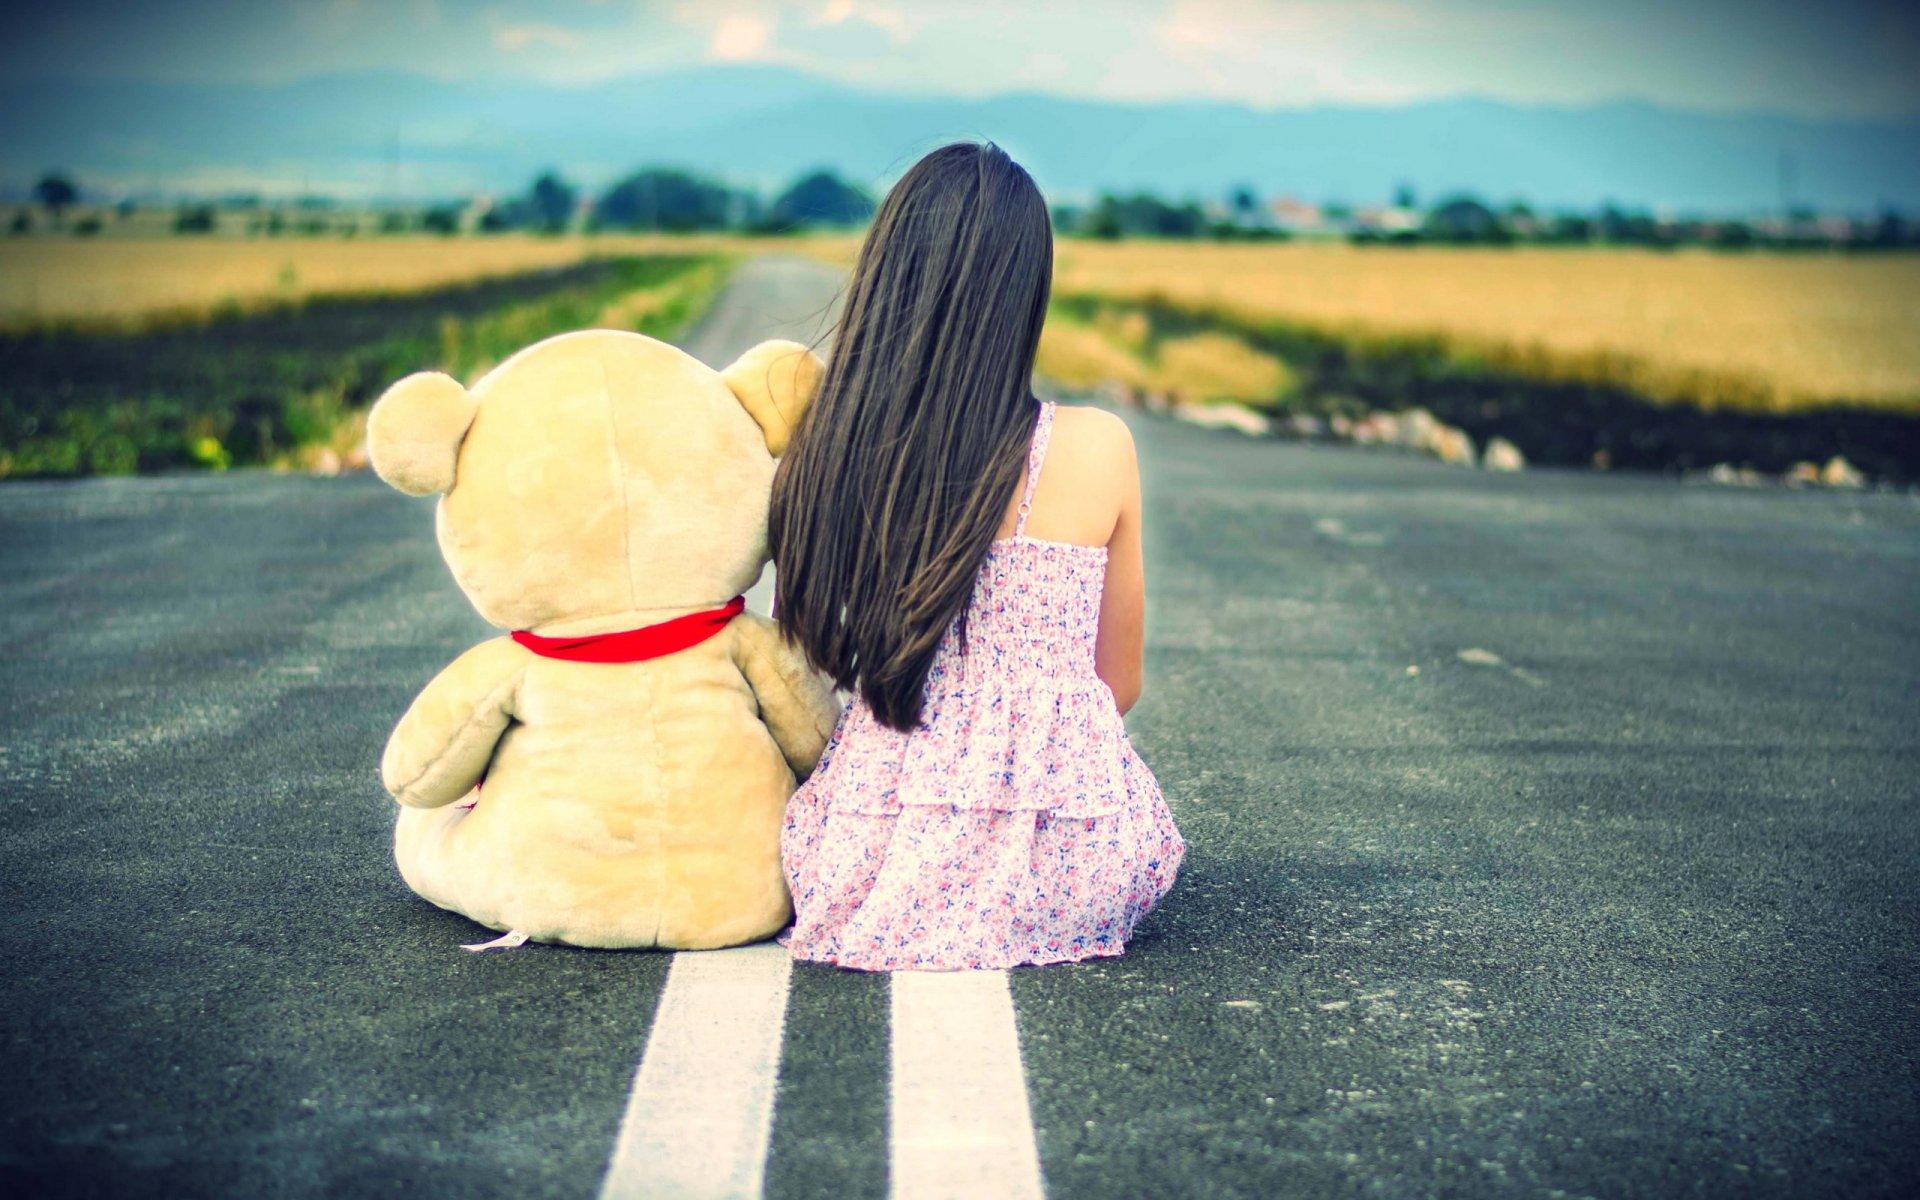 девушка медведь плюшевый  № 351156 бесплатно